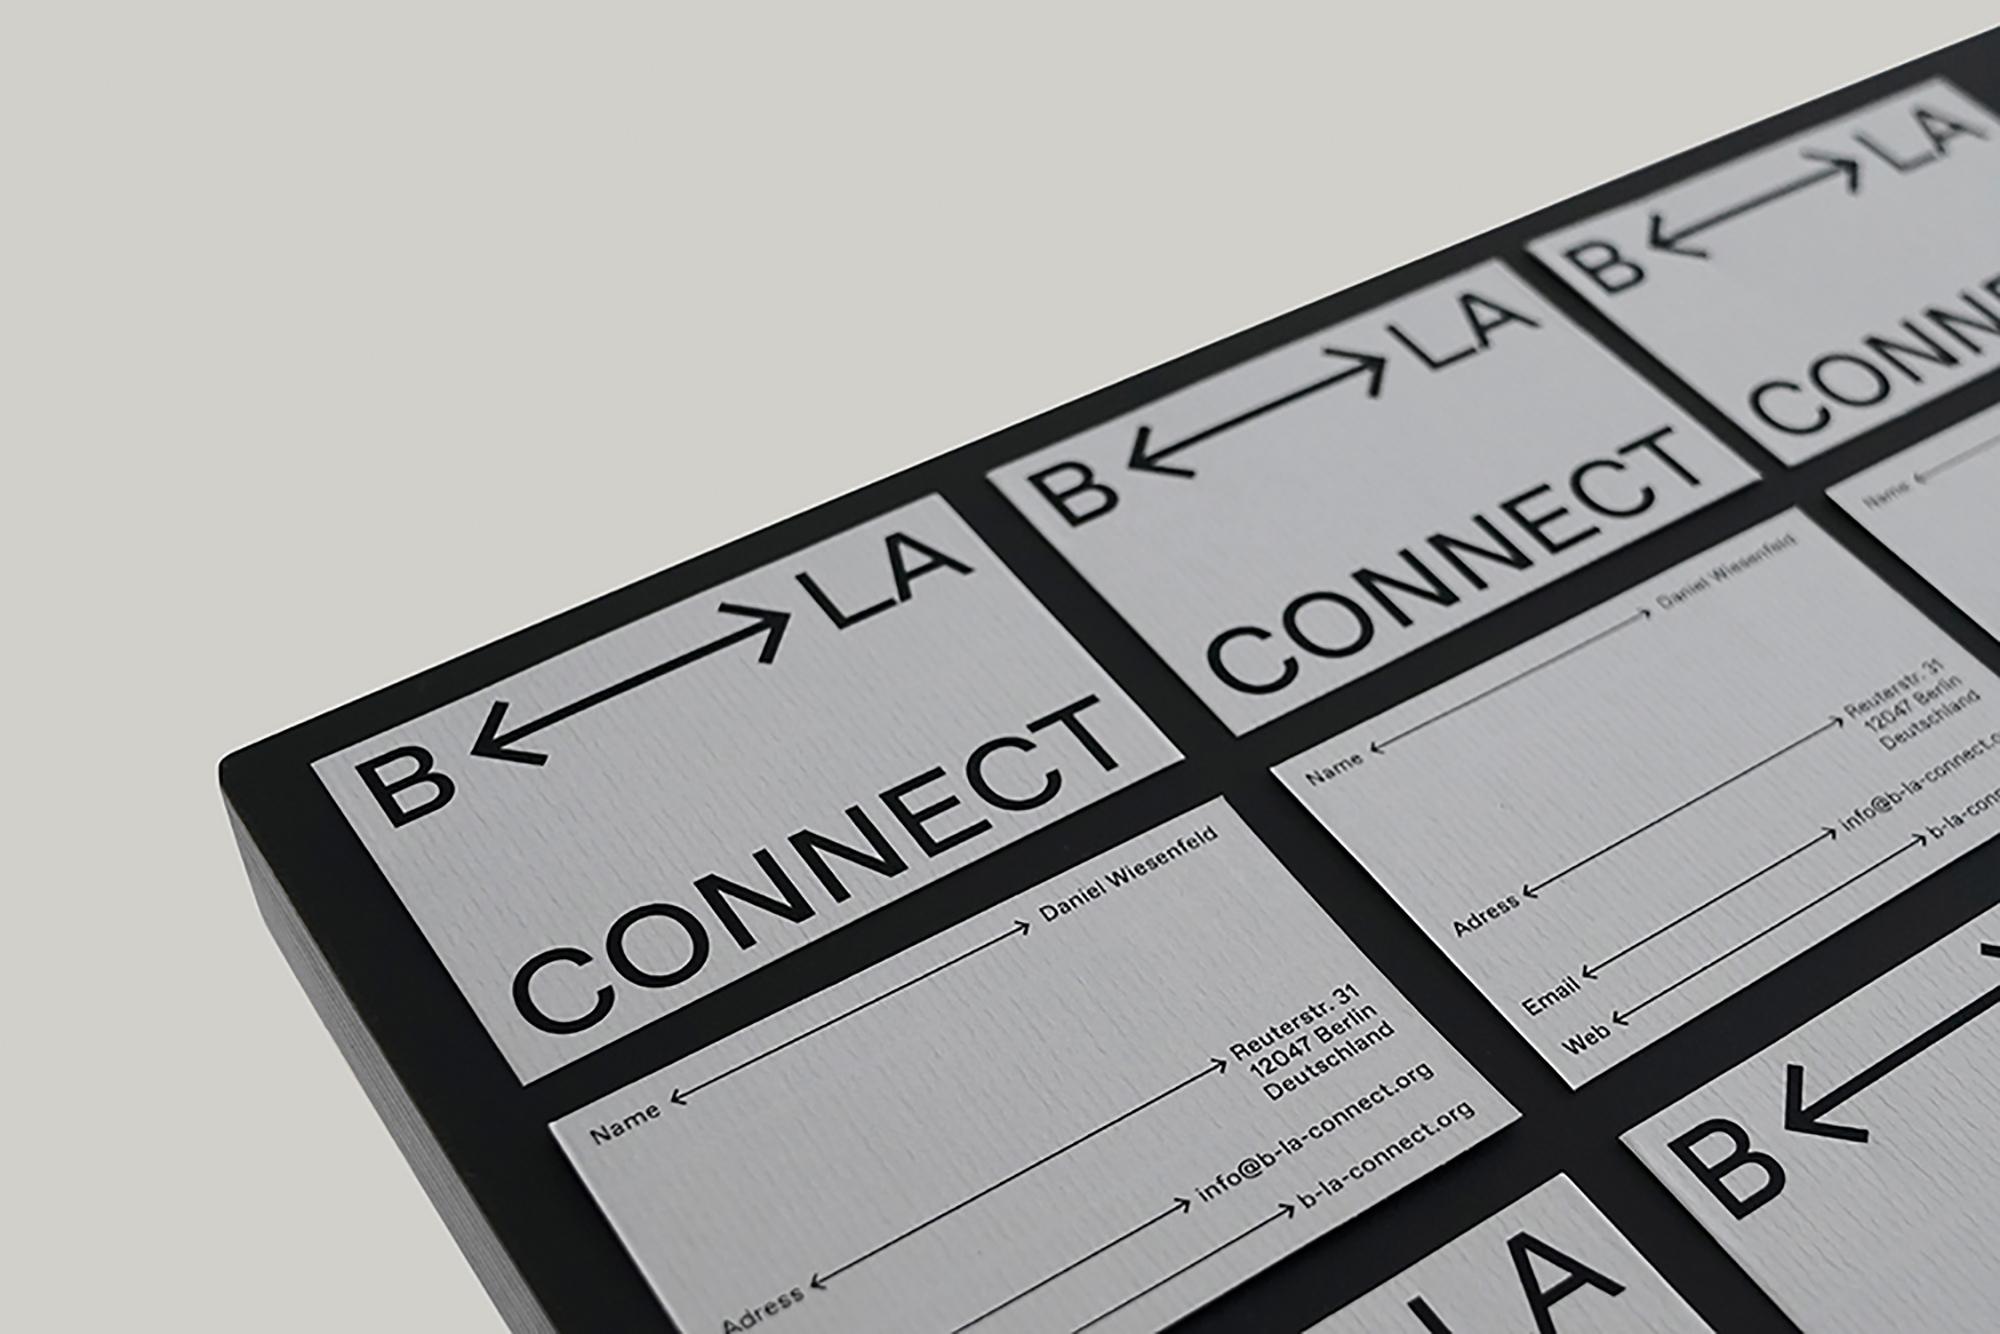 2019-06-19_5d0a659179df6_03_B-LA_CONNECT_Business_Cards